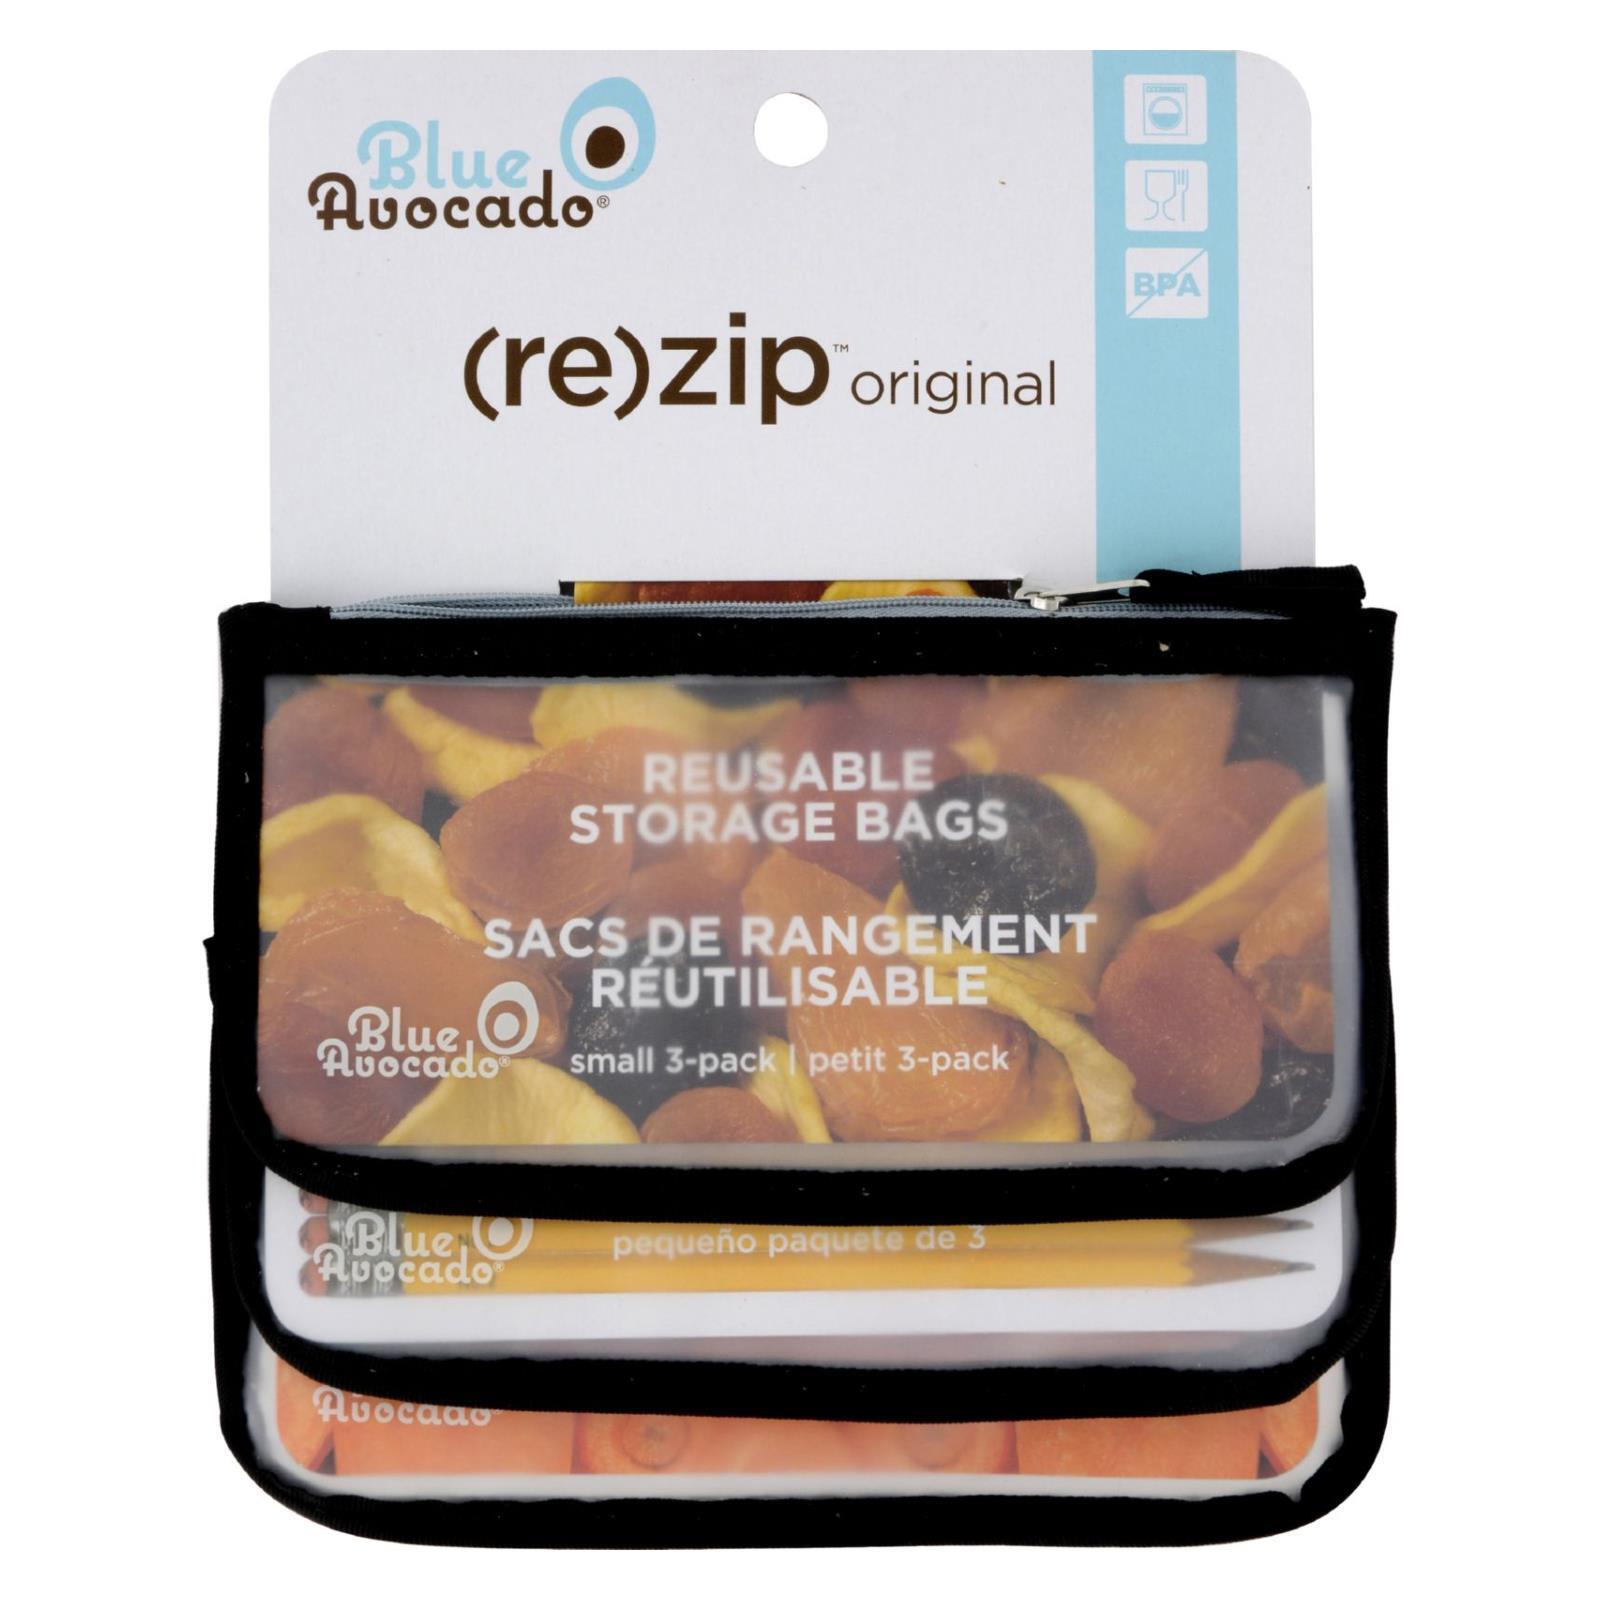 Blue Avocado Snack Zip Bag - Black - 3 Pack